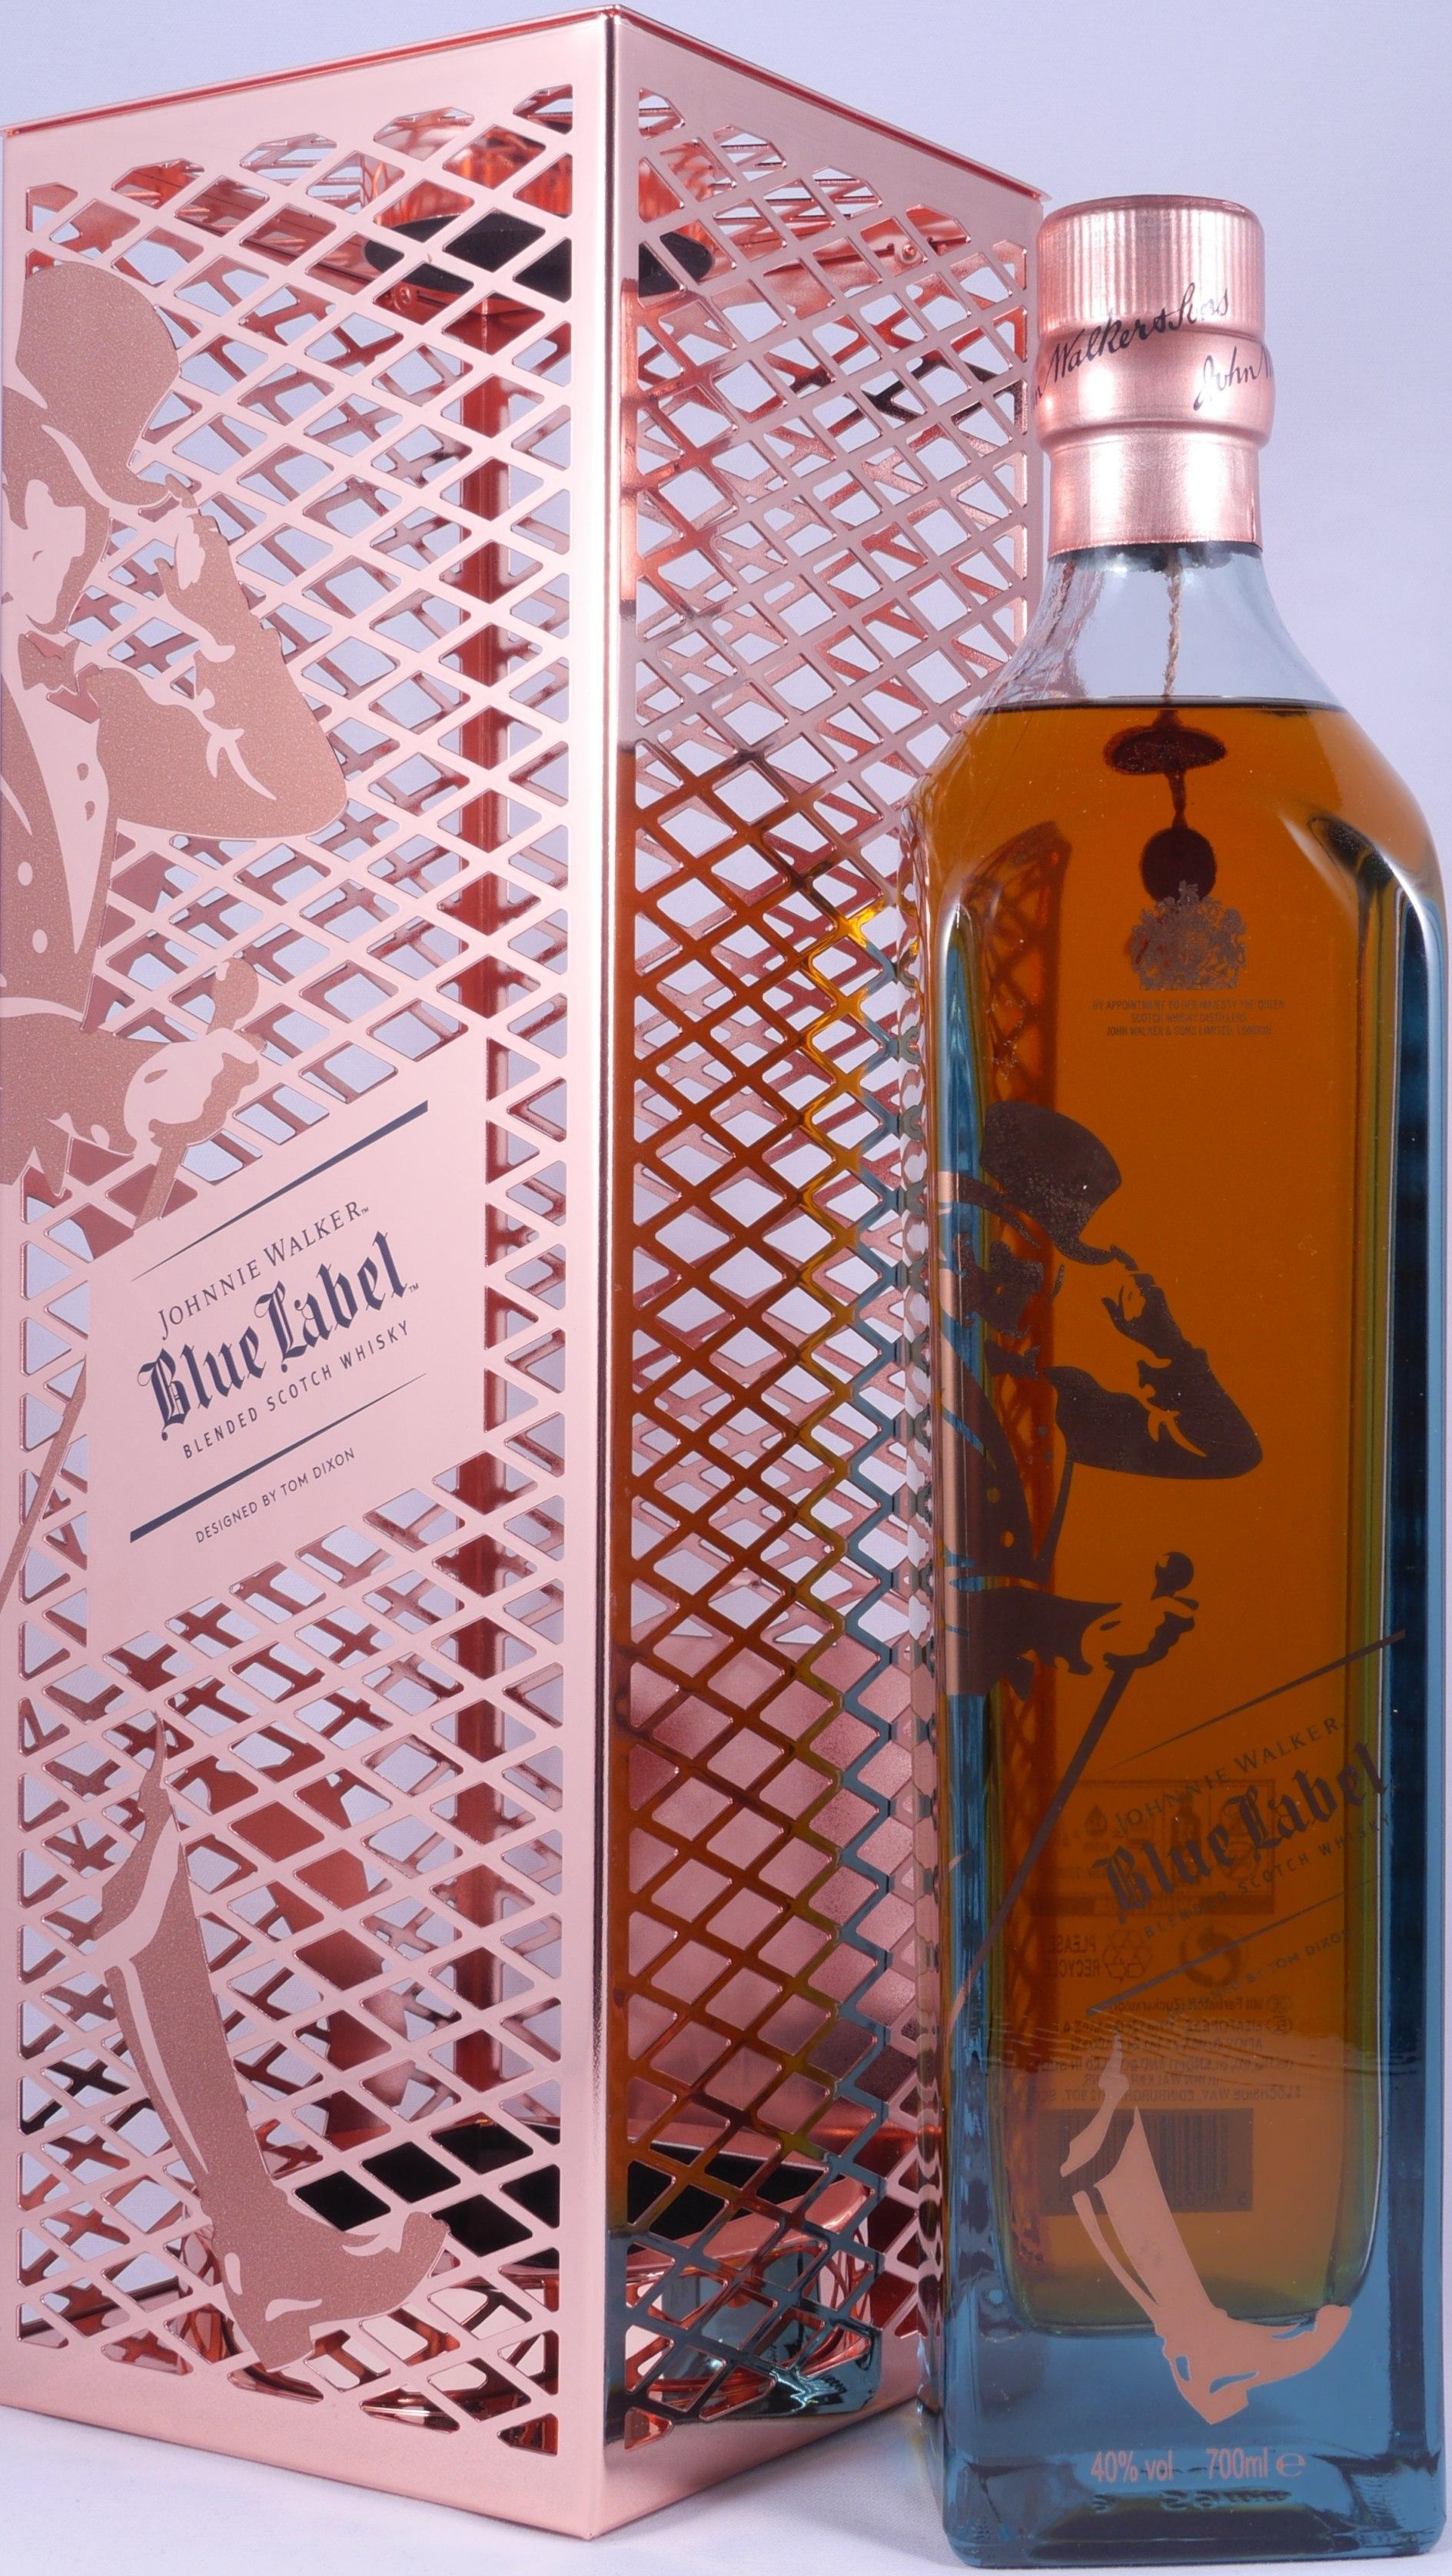 buy johnnie walker blue label tom dixon capsule limited edition blended scotch whisky 40 0 abv. Black Bedroom Furniture Sets. Home Design Ideas